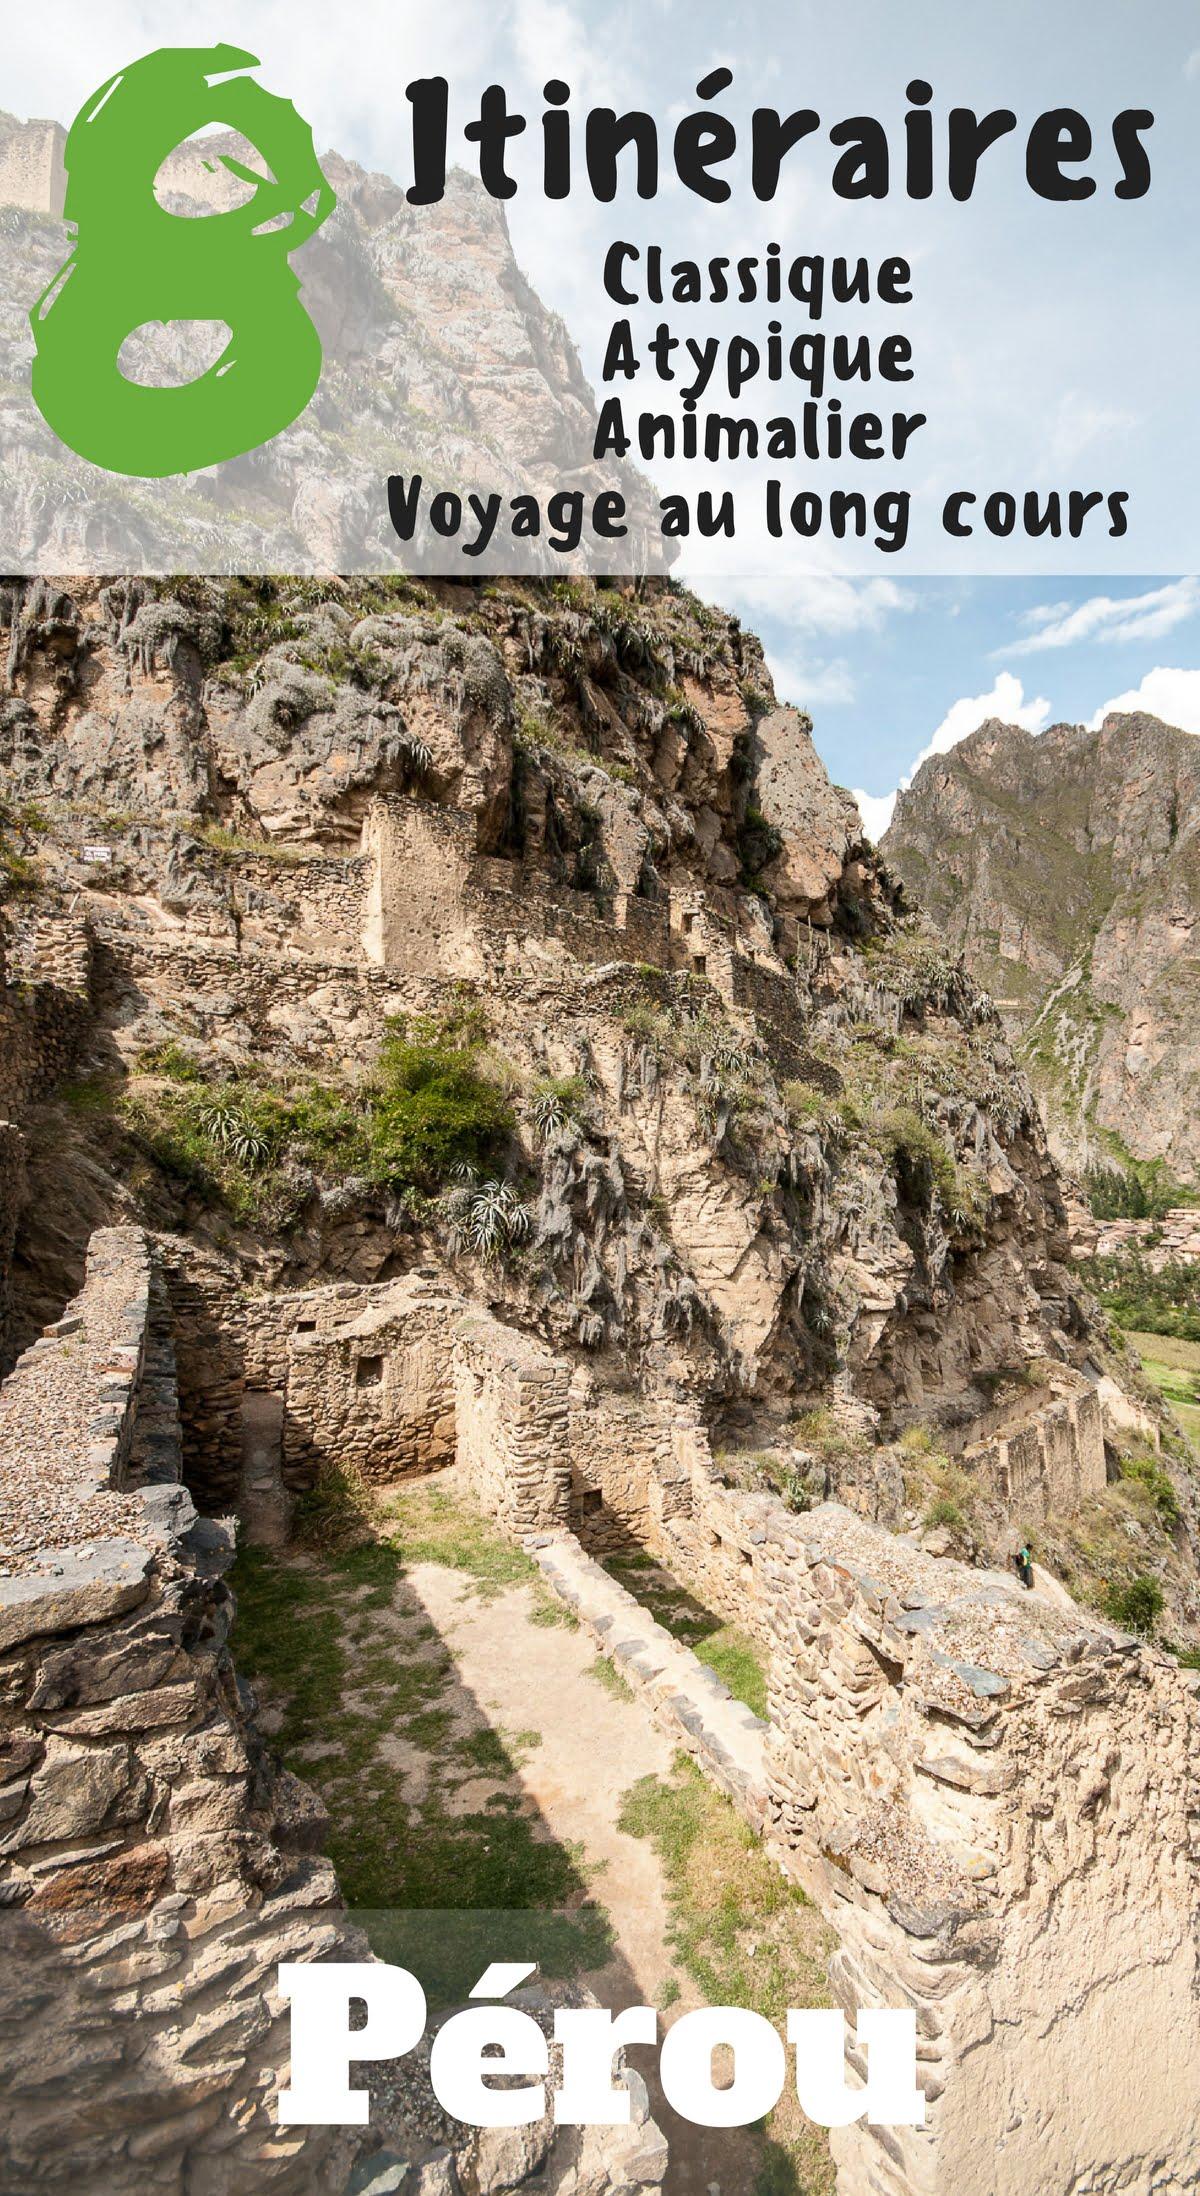 Itinéraires pérou 2 - Les globe blogueurs - blog voyage nature